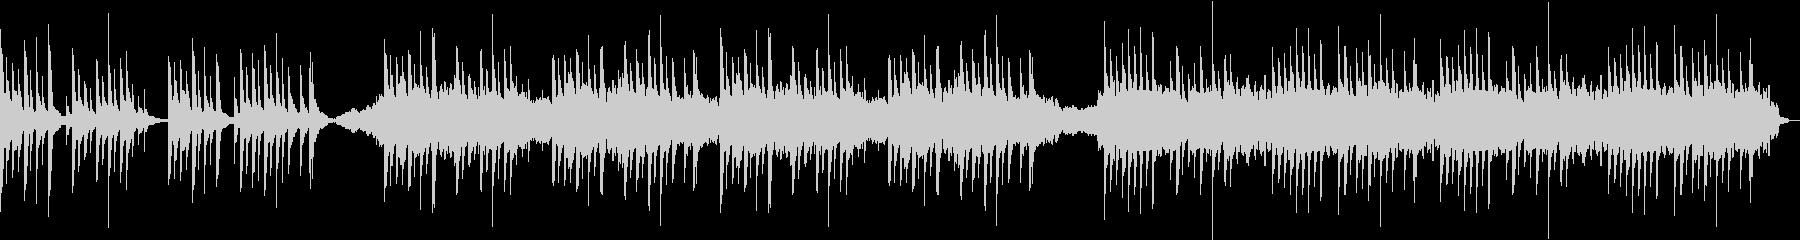 ストレス、イライラも解消されるピアノ音楽の未再生の波形